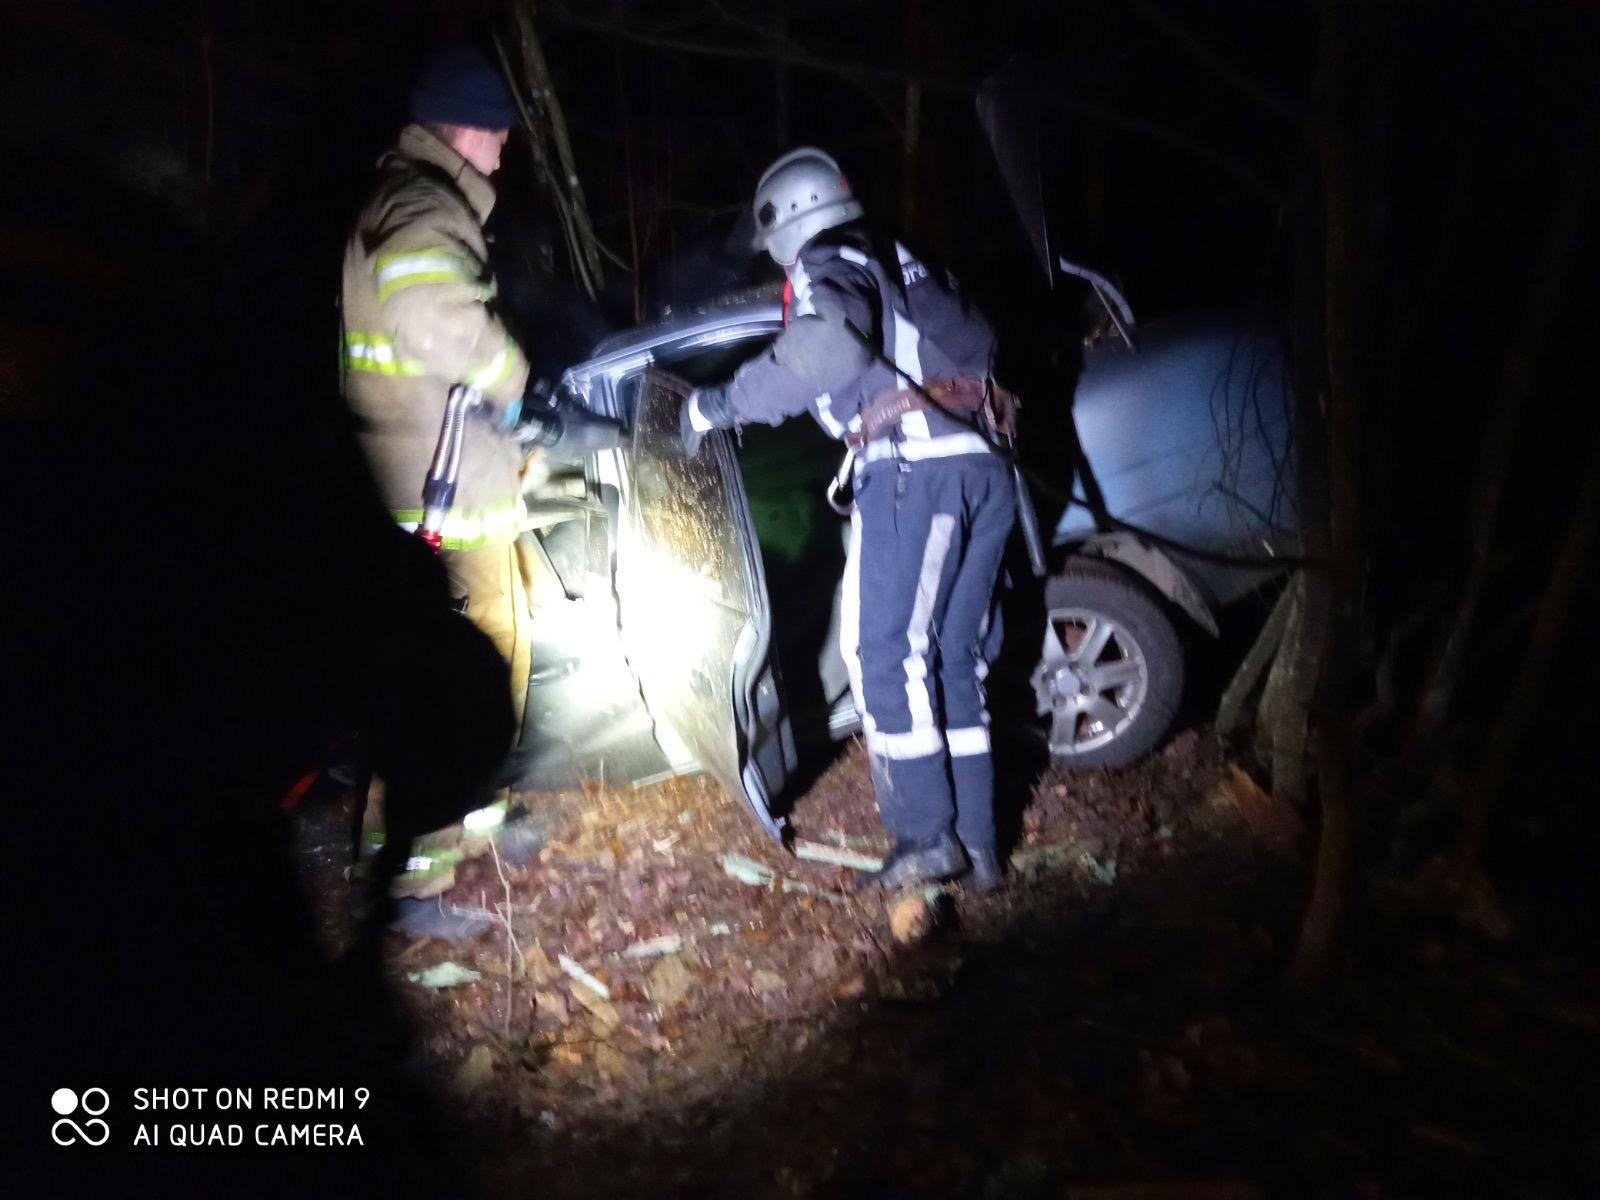 На Київщині водій не впорався з керування і врізався у дерево - Пісківська ОТГ, Бородянський район, Аварія - 04